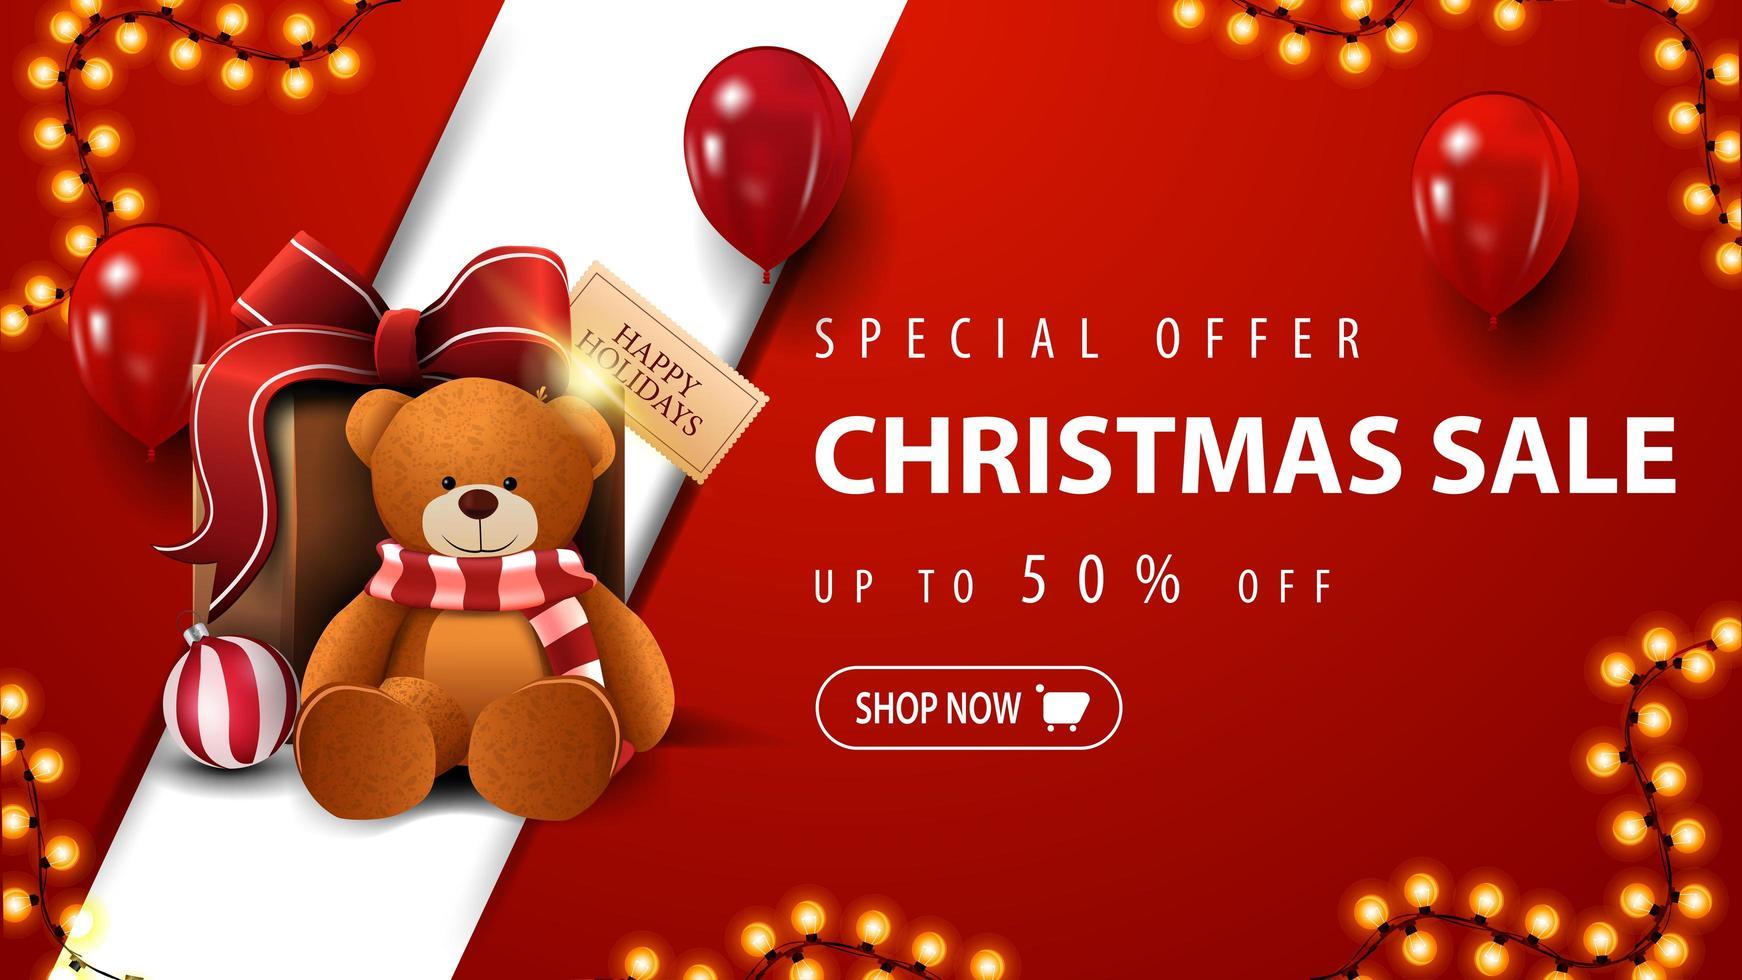 offre spéciale, vente de Noël, jusqu'à 50 rabais, bannière de réduction rouge avec guirlande, ballons rouges et cadeau avec ours en peluche vecteur